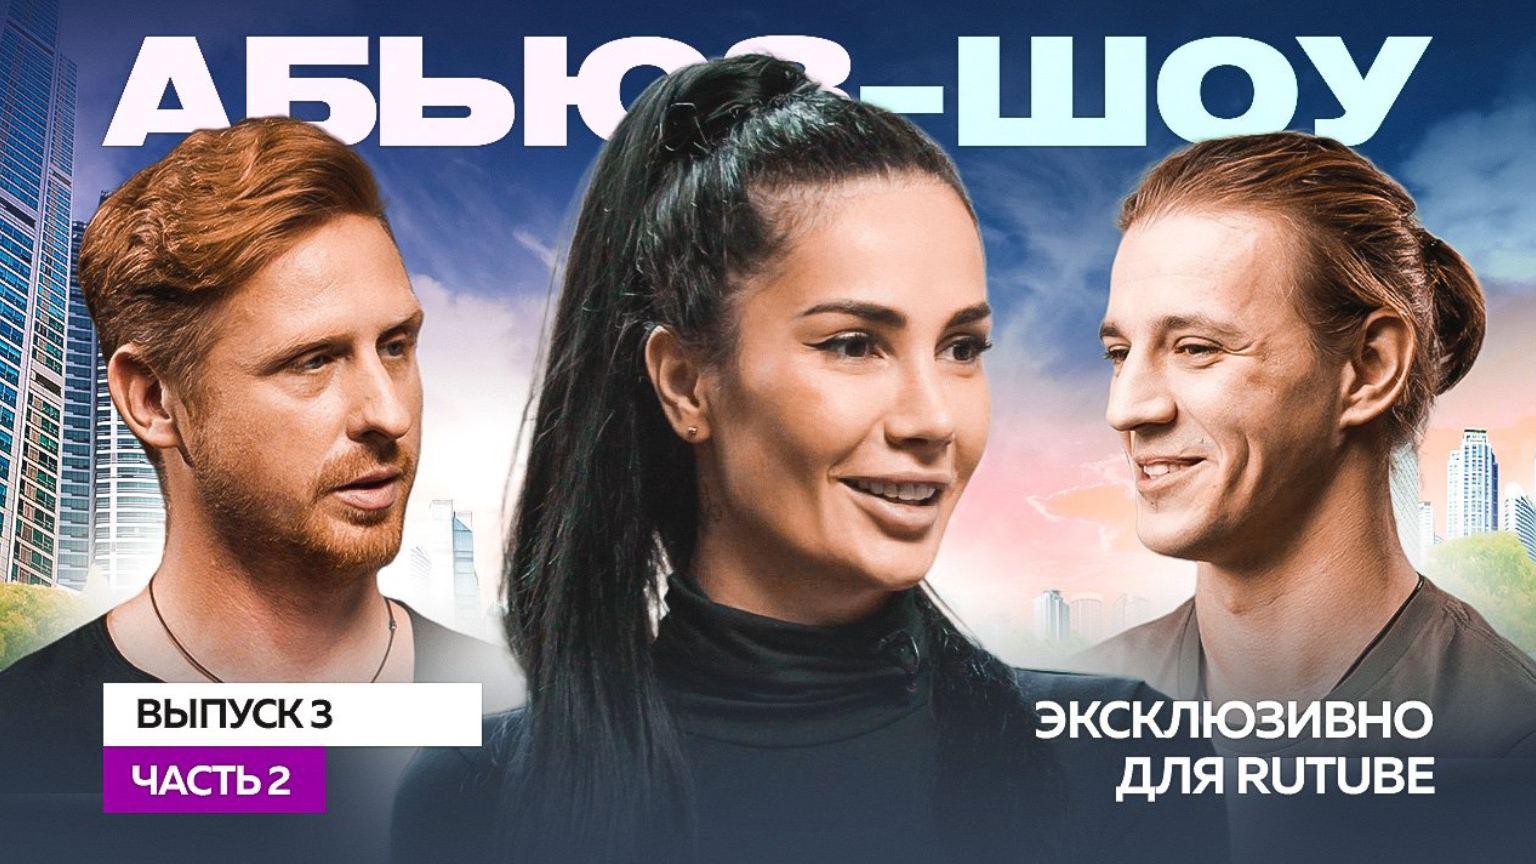 Абьюз шоу_Выпуск 3, часть 2_промобаннер